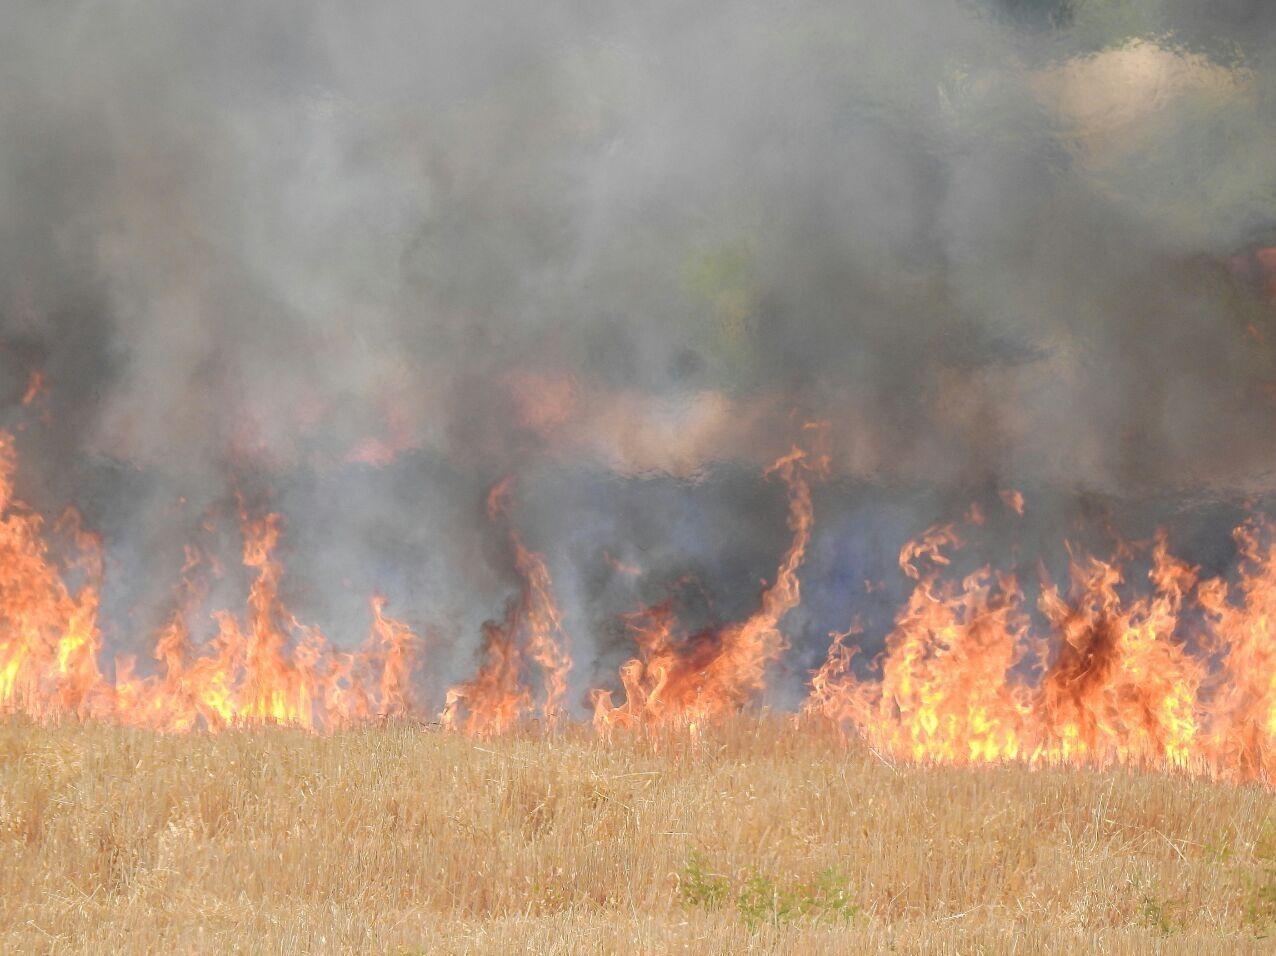 خط و نشان محیط زیست با کشاورزان در صورت سوزاندن مزارع